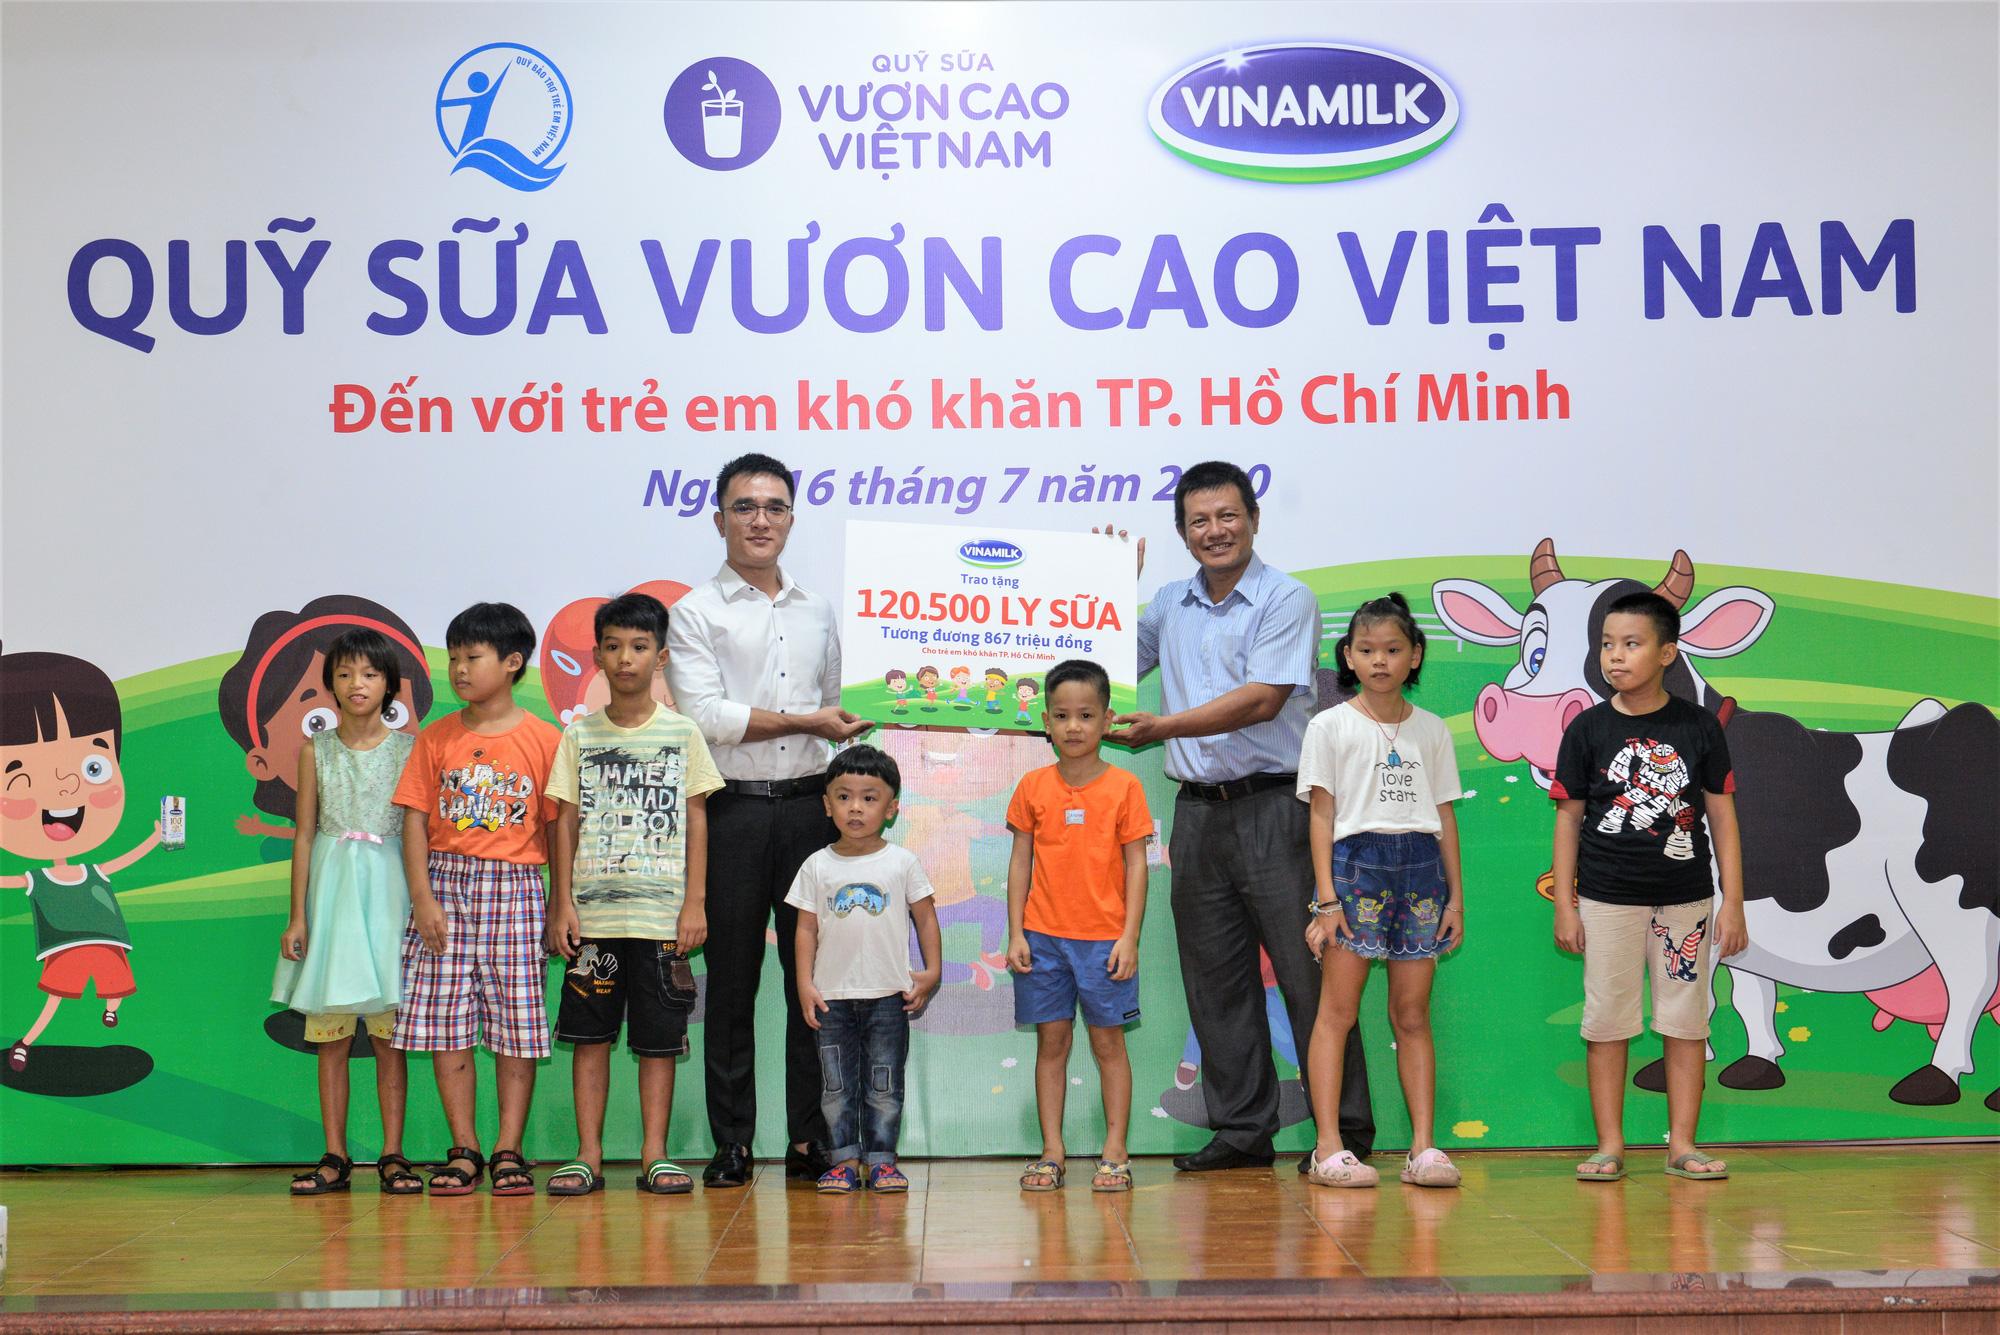 Quỹ sữa Vươn cao Việt Nam đến với trẻ khó khăn TP.HCM - Ảnh 2.